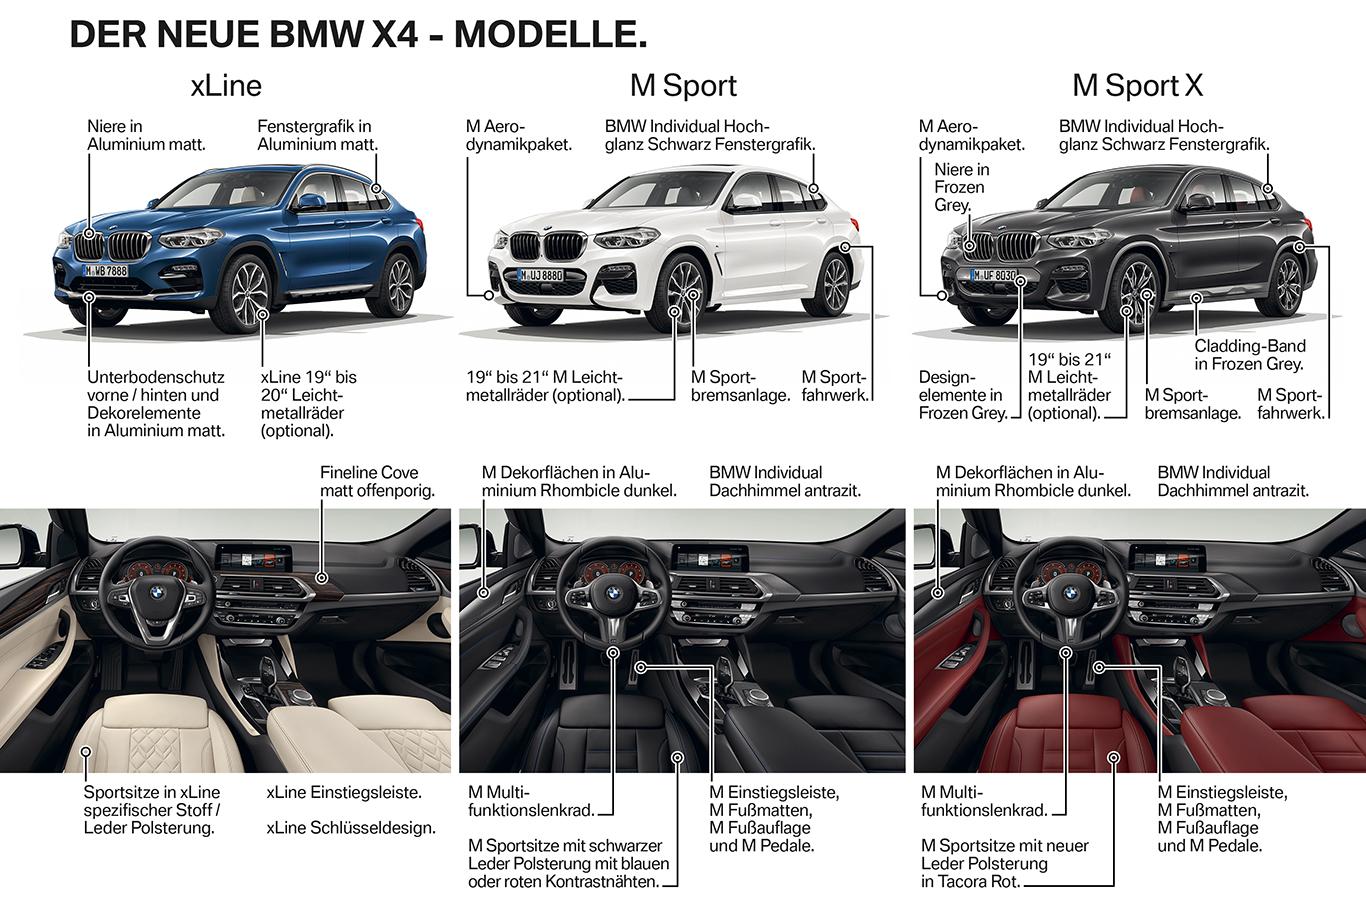 Die Merkmale der drei höherwertigen Ausstattungsvarianten des BMW X4 auf einen Blick.